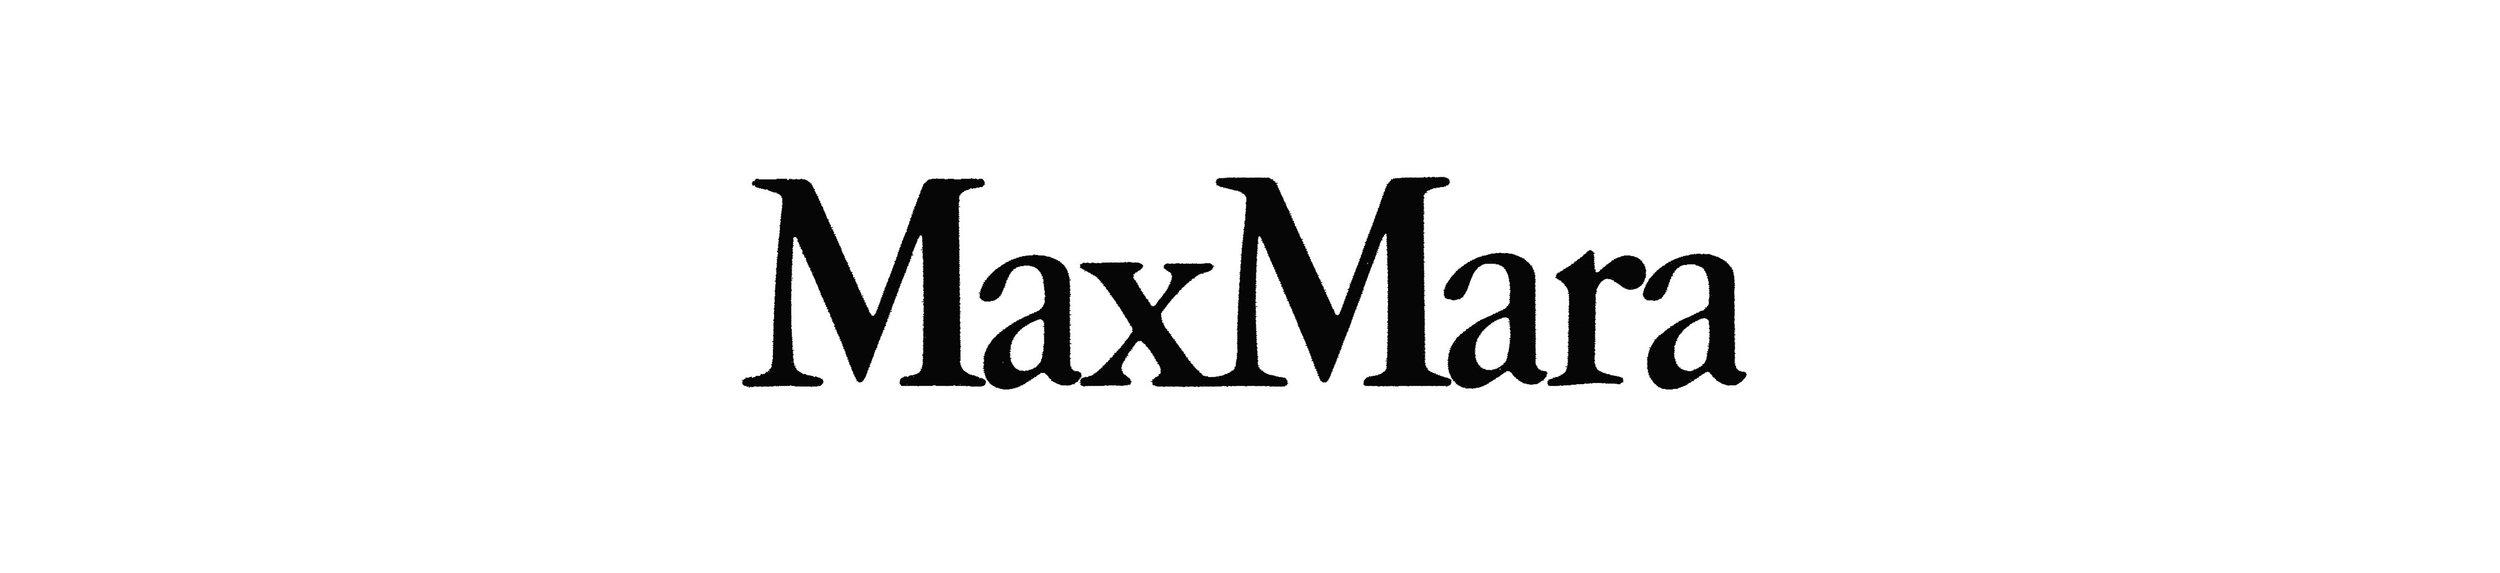 MaxMara.jpeg